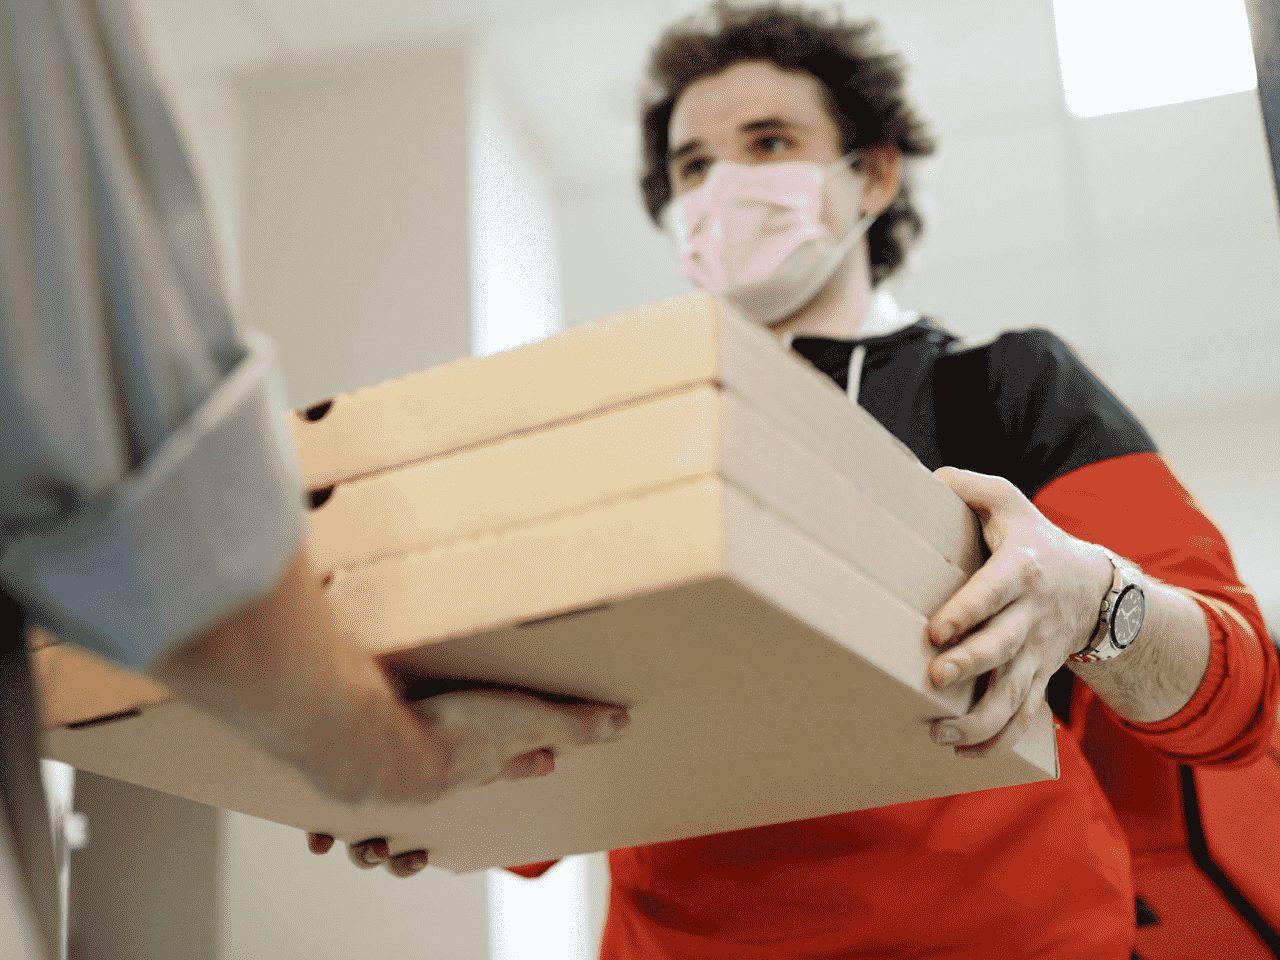 homem entregando caixas de pizza, representando gastar menos com delivery